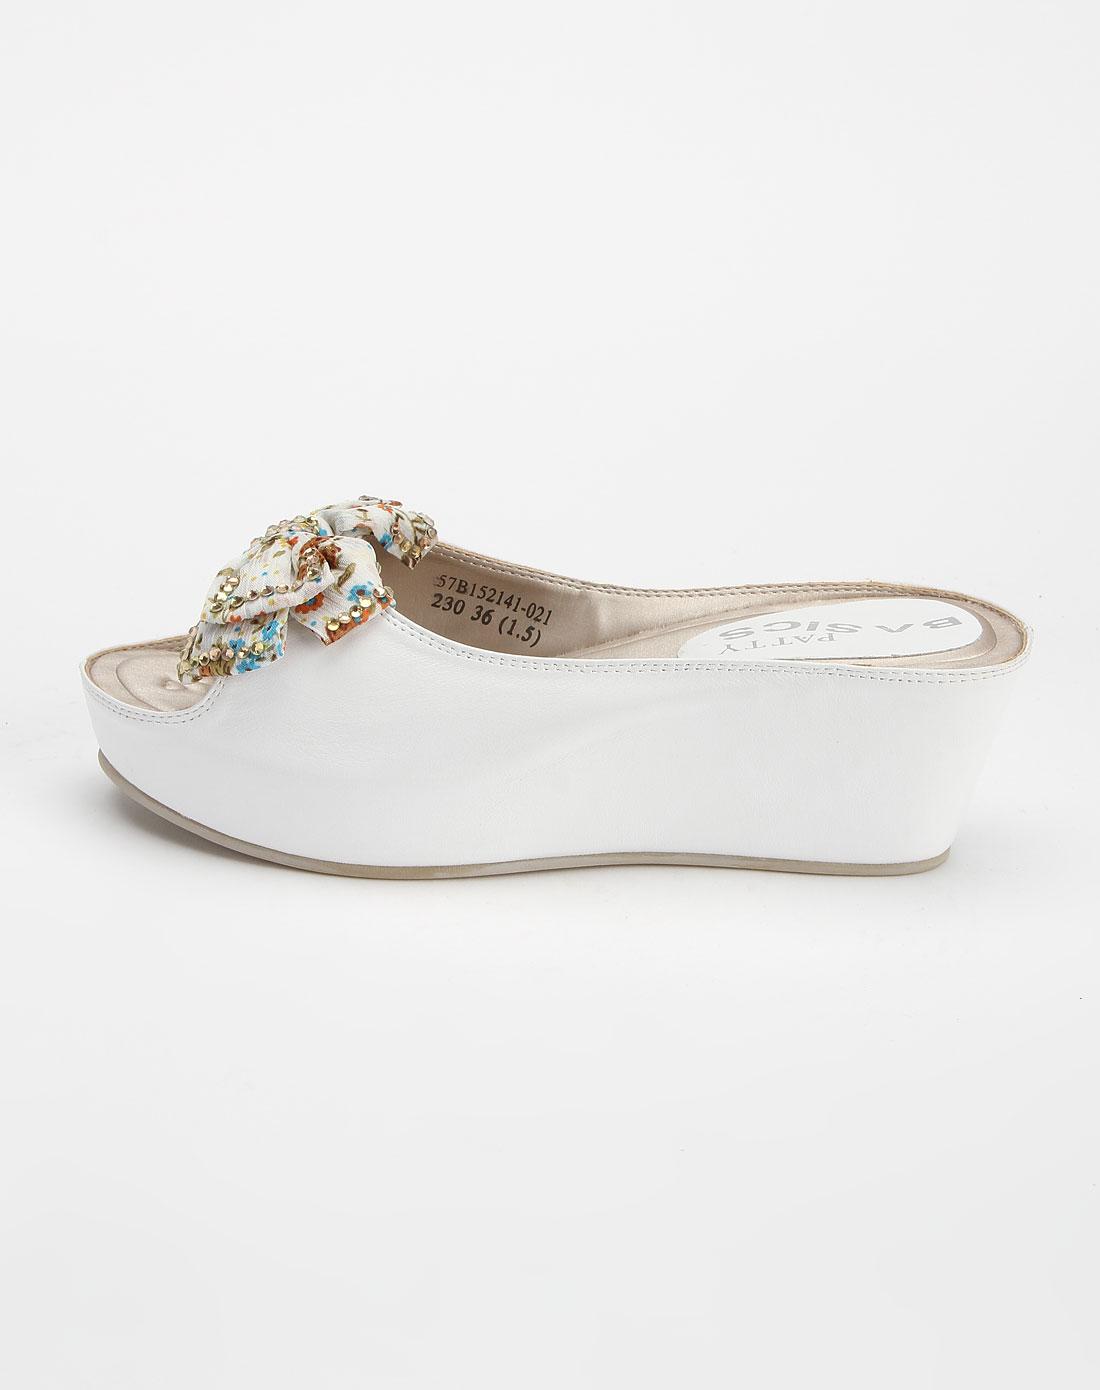 芭迪patty女款白色时尚坡跟凉鞋